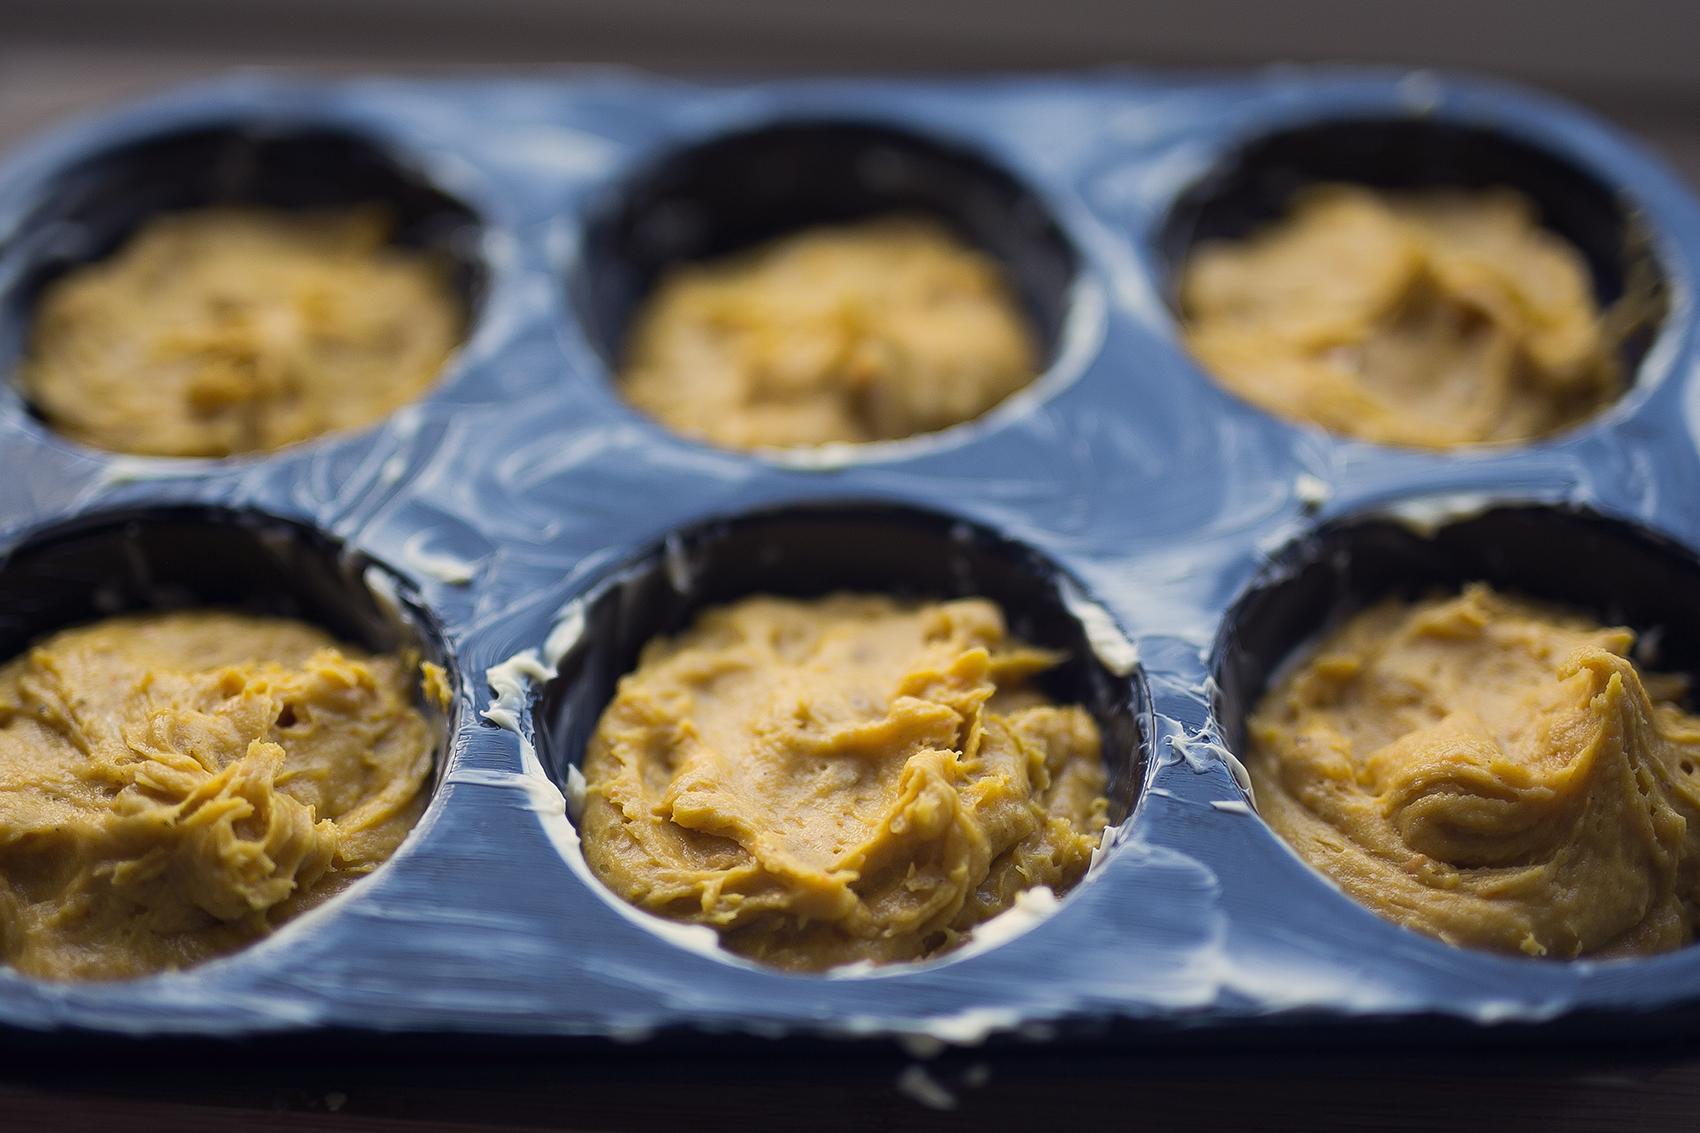 Selbstgemachter Kürbis Teig für Muffins mit weißer Schokolade